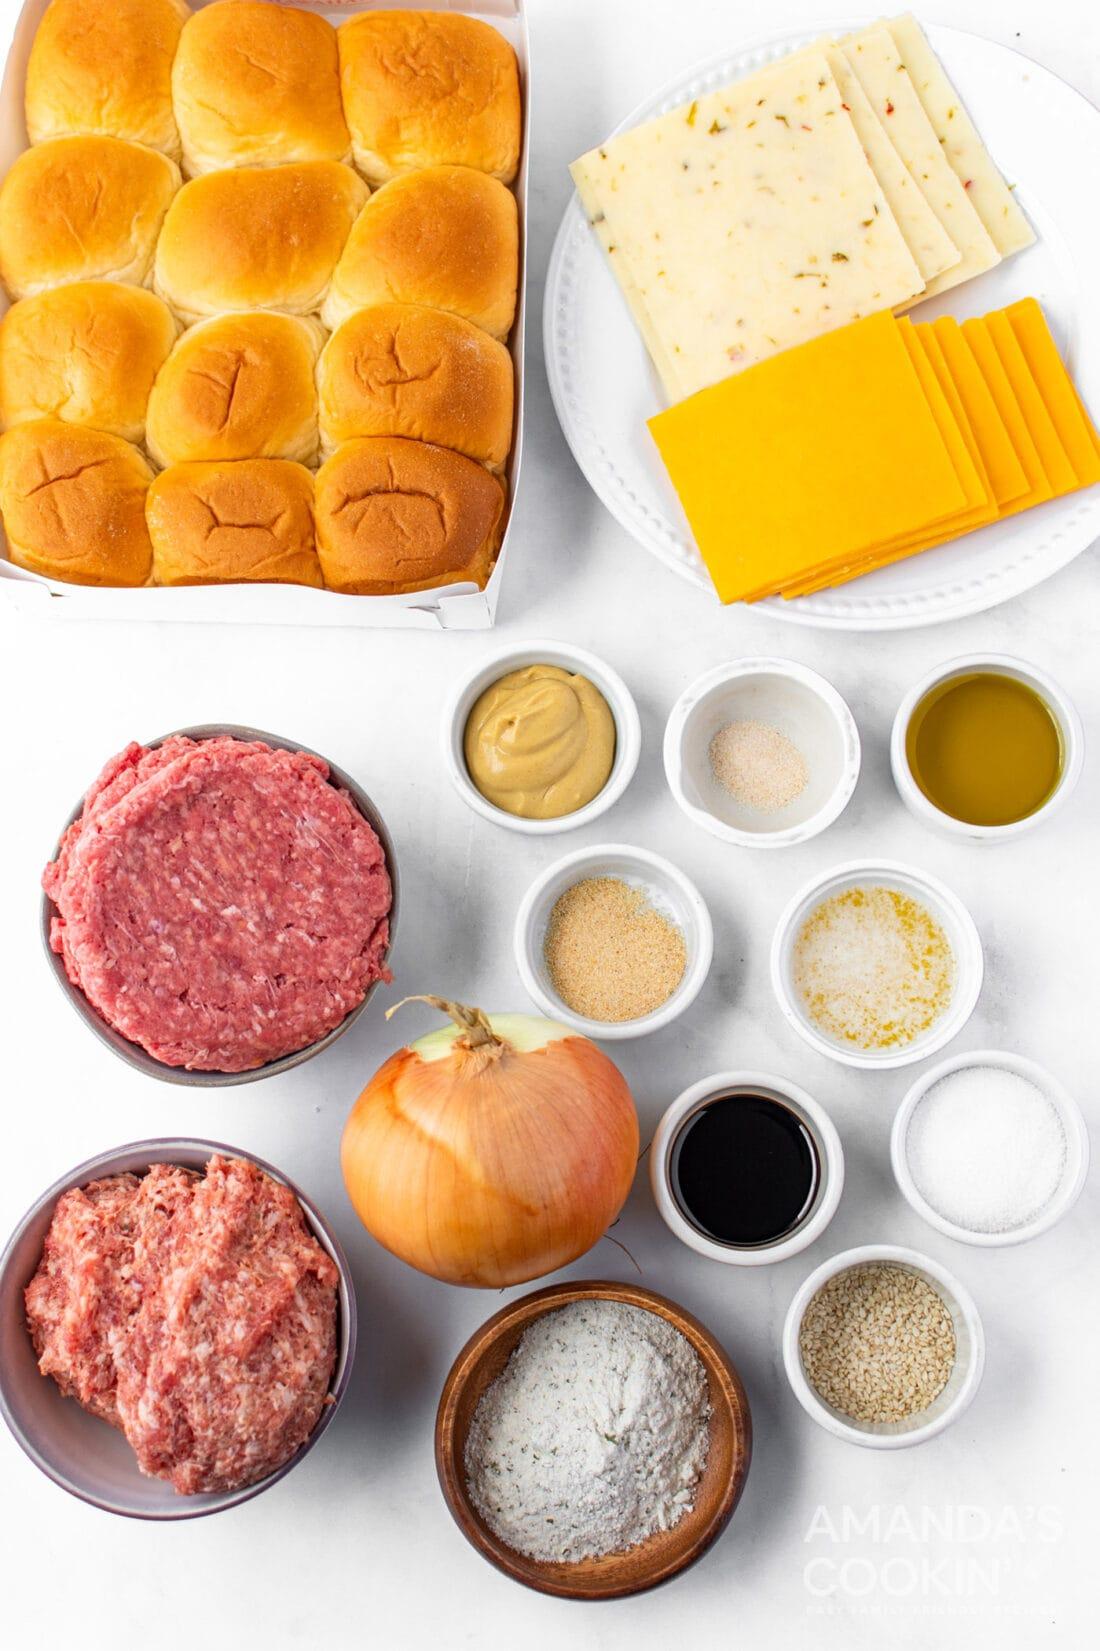 ingredients for cheeseburger sliders